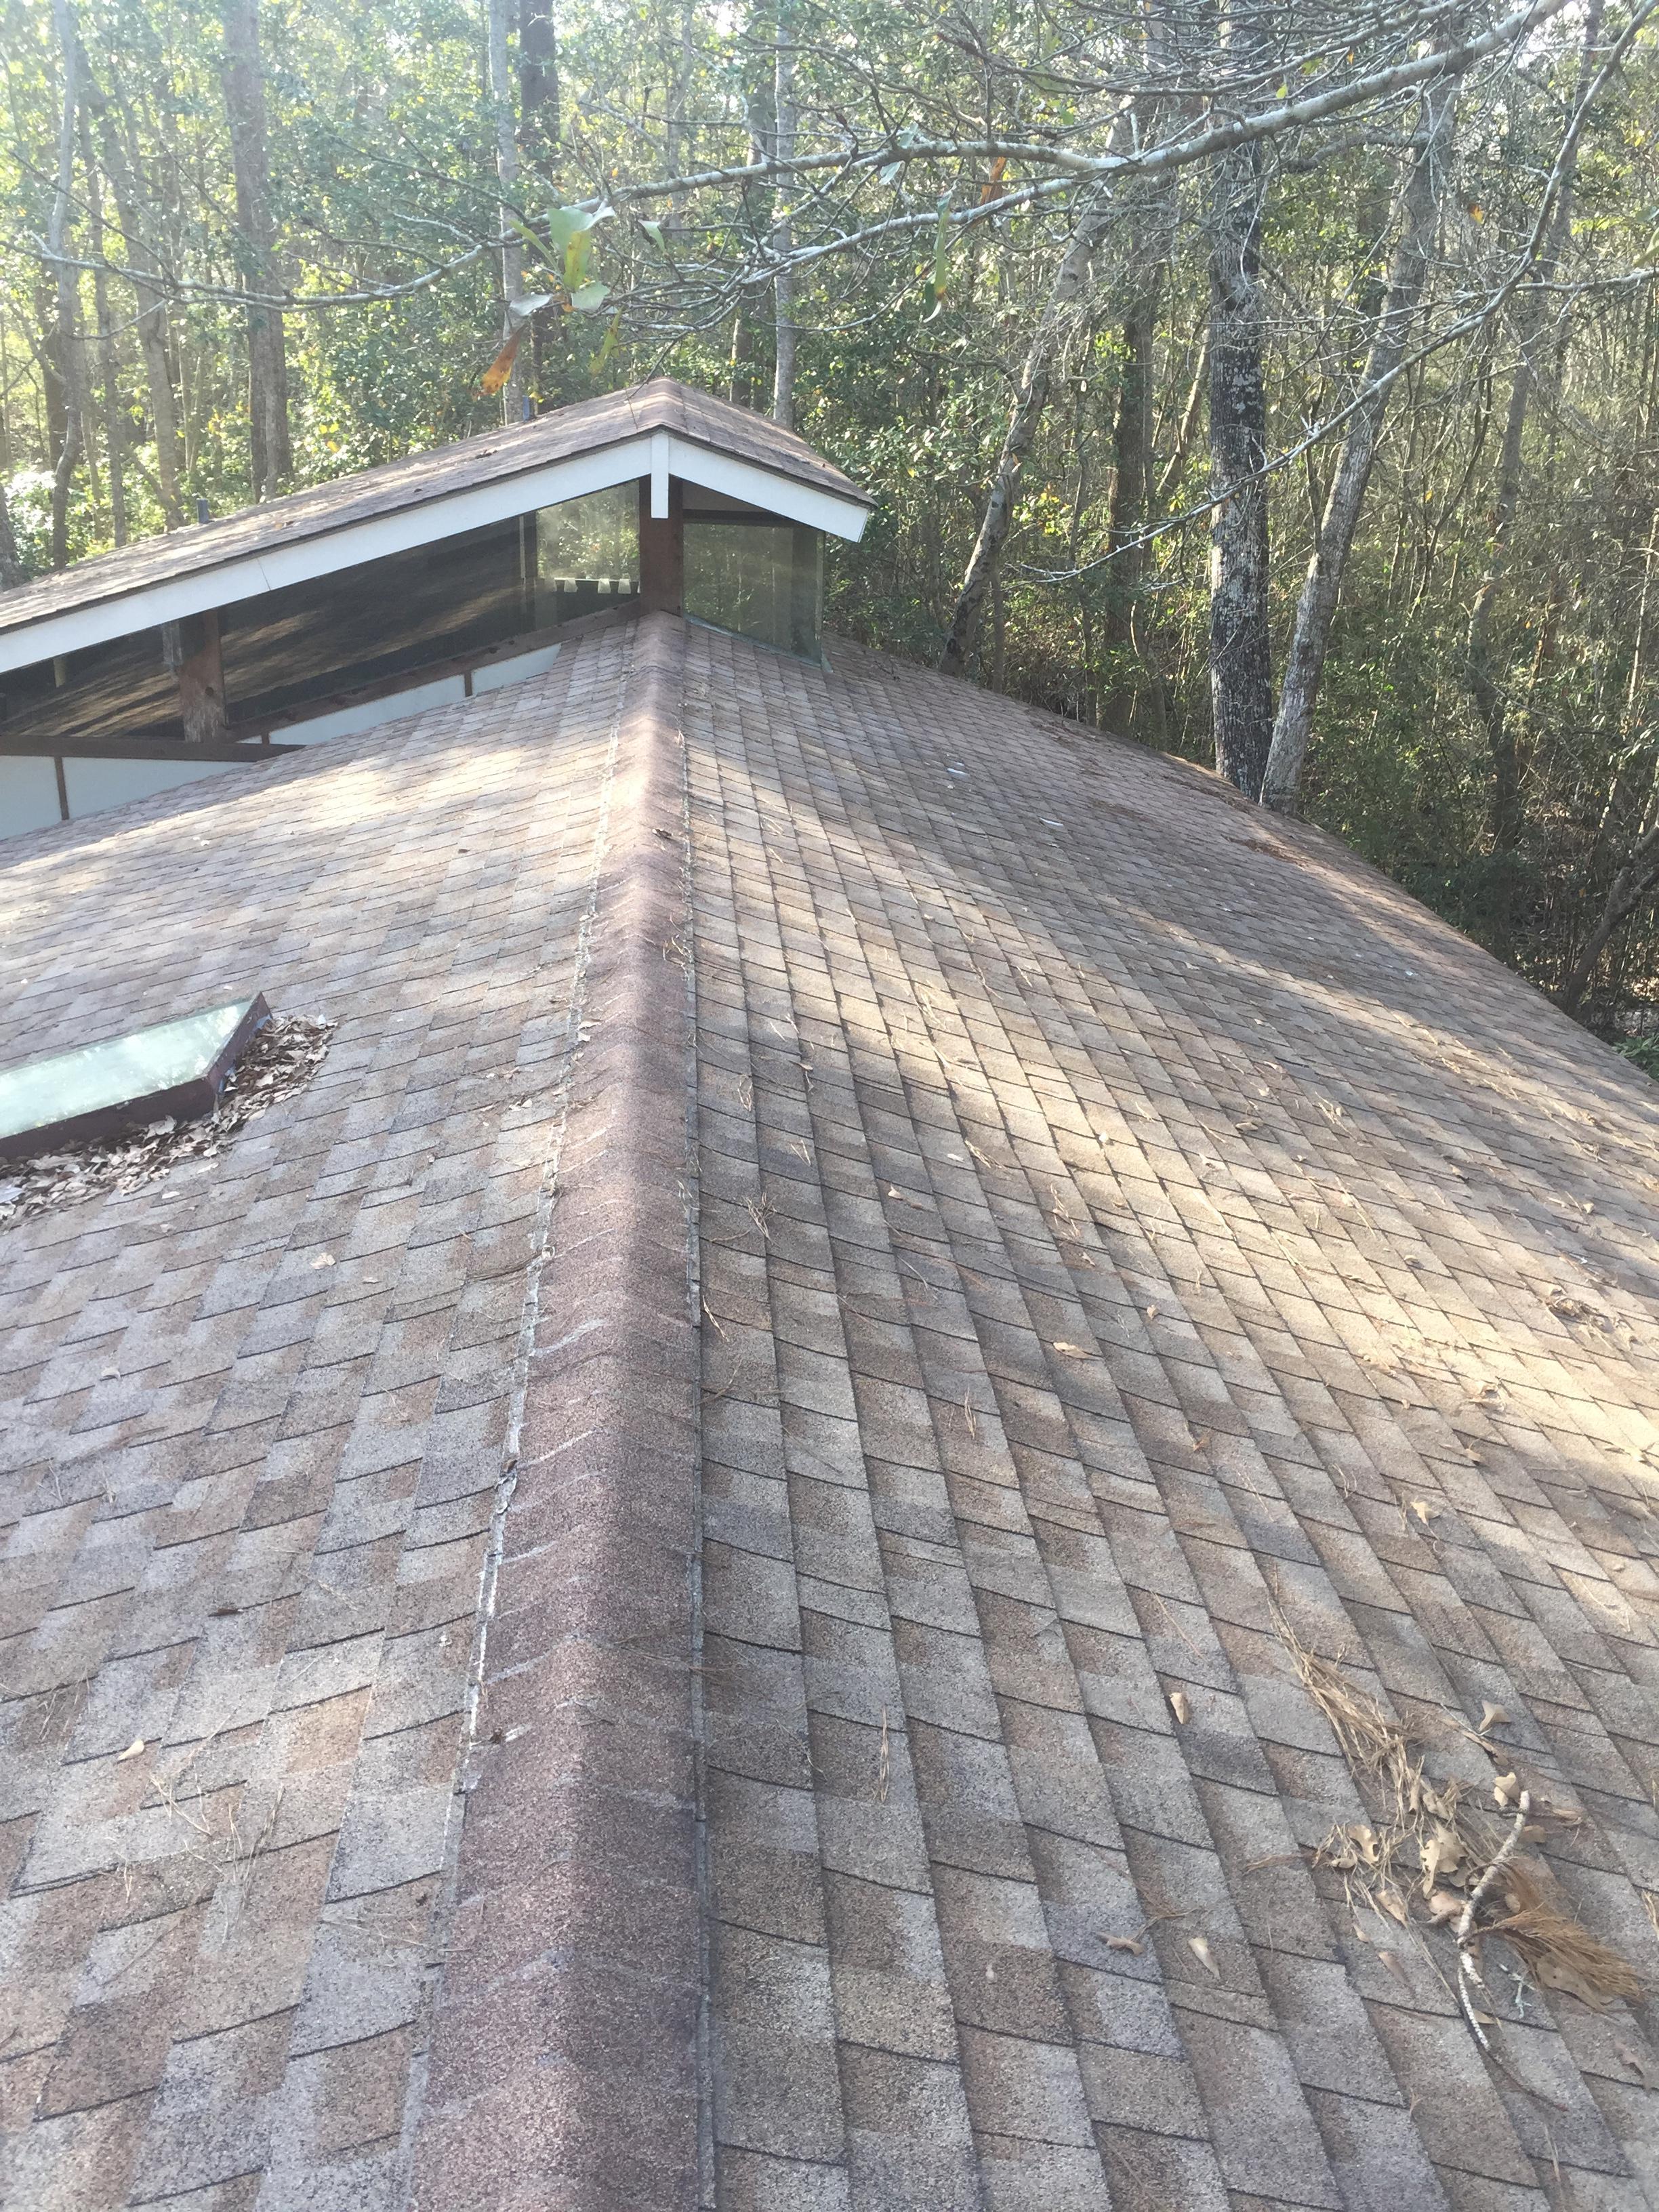 Leaky roof help-7f91761b-b8e1-46a5-9507-e014a8aeacac_1518818796653.jpeg